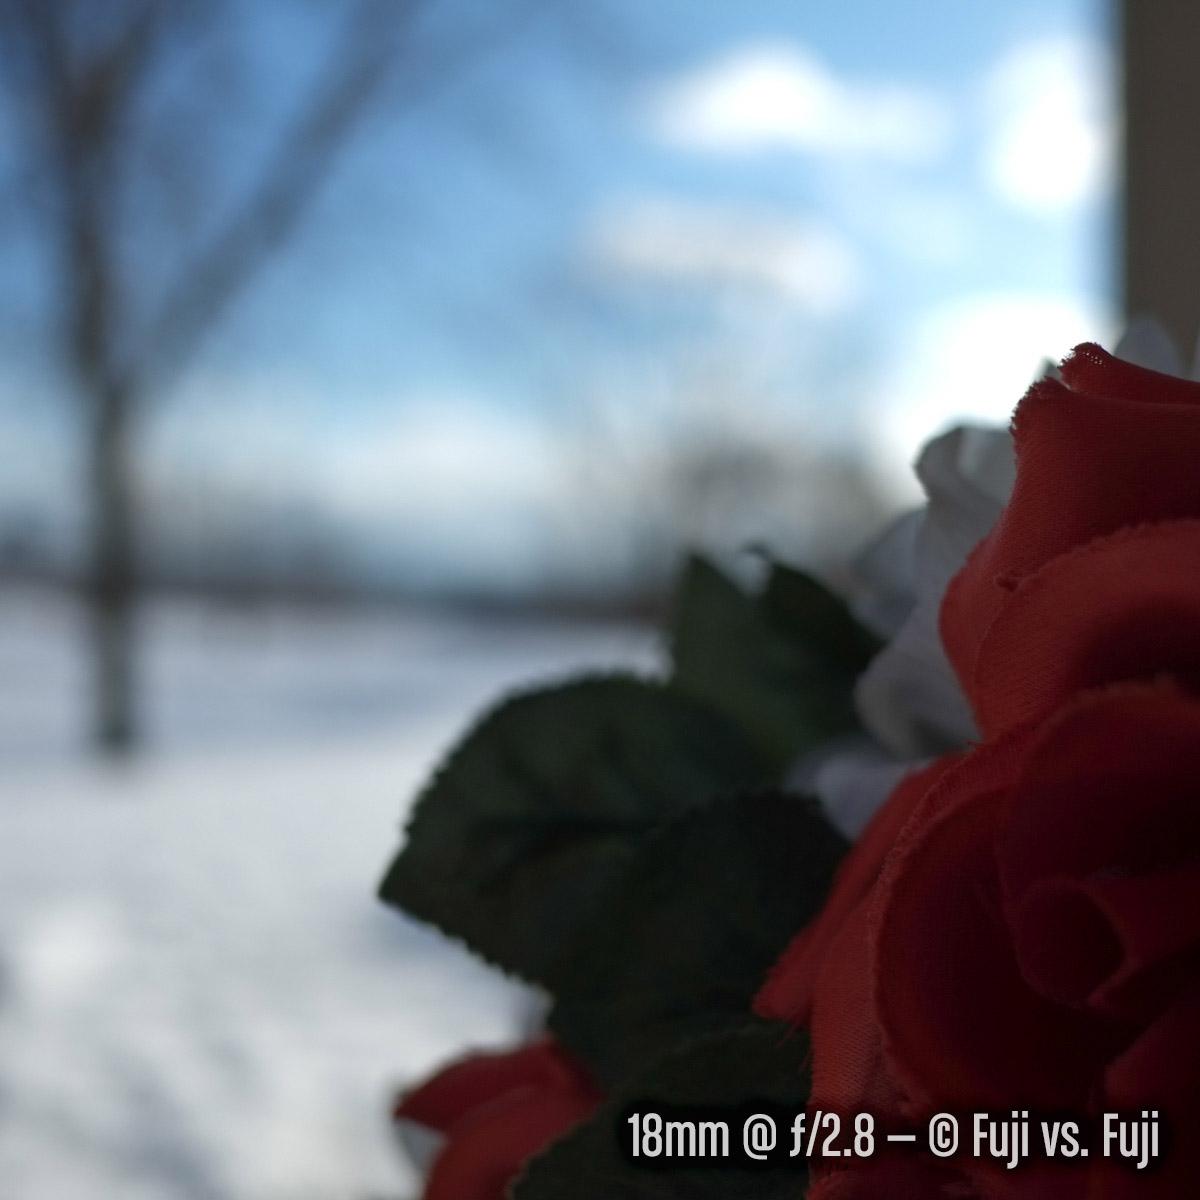 LandscapeBokeh-18@2pt8.jpg